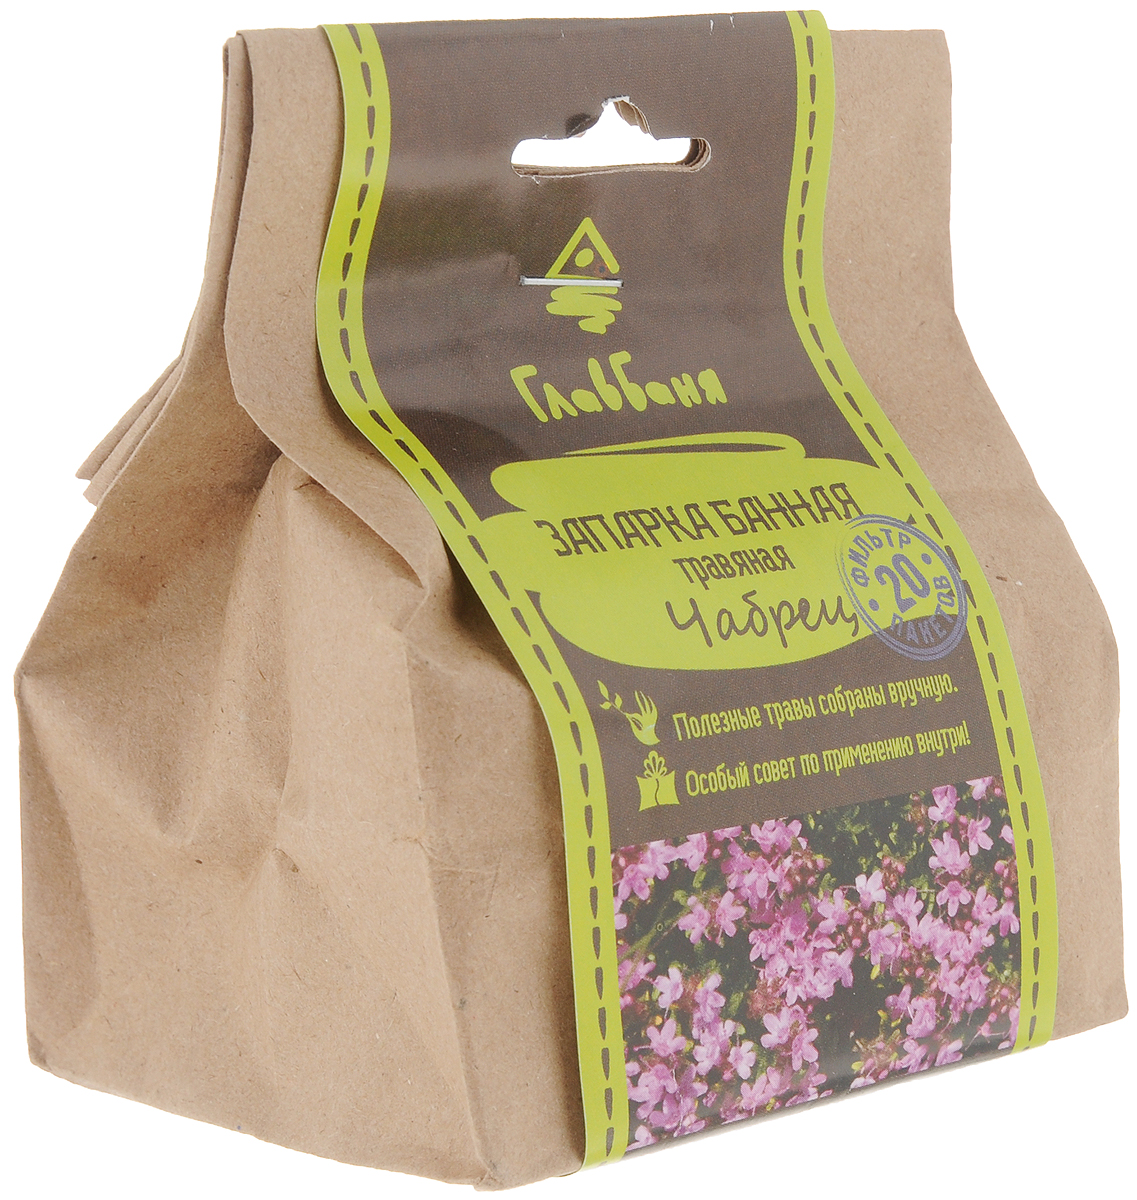 Запарка для бани и сауны Главбаня Чабрец, 20 фильтр-пакетиковC0042416Главбаня Чабрец - травяная запарка для бани и сауны, которые являются идеальным местом для того, чтобы испытать на себе лечебные свойства трав и сборов. Чабрец обладает детоксицирующим, выраженным антисептическим и противомикробными свойствами, стимулирует кровообращение, нормализует сердечный ритм. Благодаря содержащимся в растениях микроэлементам, витаминам и фитонцидам происходит оздоравливающее воздействие на кожу и весь организм в целом.Настоящие ценители русской бани обязательно оценят аромат и полезные свойства чабреца. Запарку рекомендуют подготавливать за 15 минут до принятия ванны или бани. В емкость с водой (2-5 л) помещается мешочек с травами, закрывается крышкой. Настаивать рекомендуется 15-20 минут. Запарку можно применять для компрессов, ополаскивания тела и волос. Для придания аромата можно полить немного отвара на раскаленные камни.Количество фильтр-пакетиков: 20 шт.Товар сертифицирован.